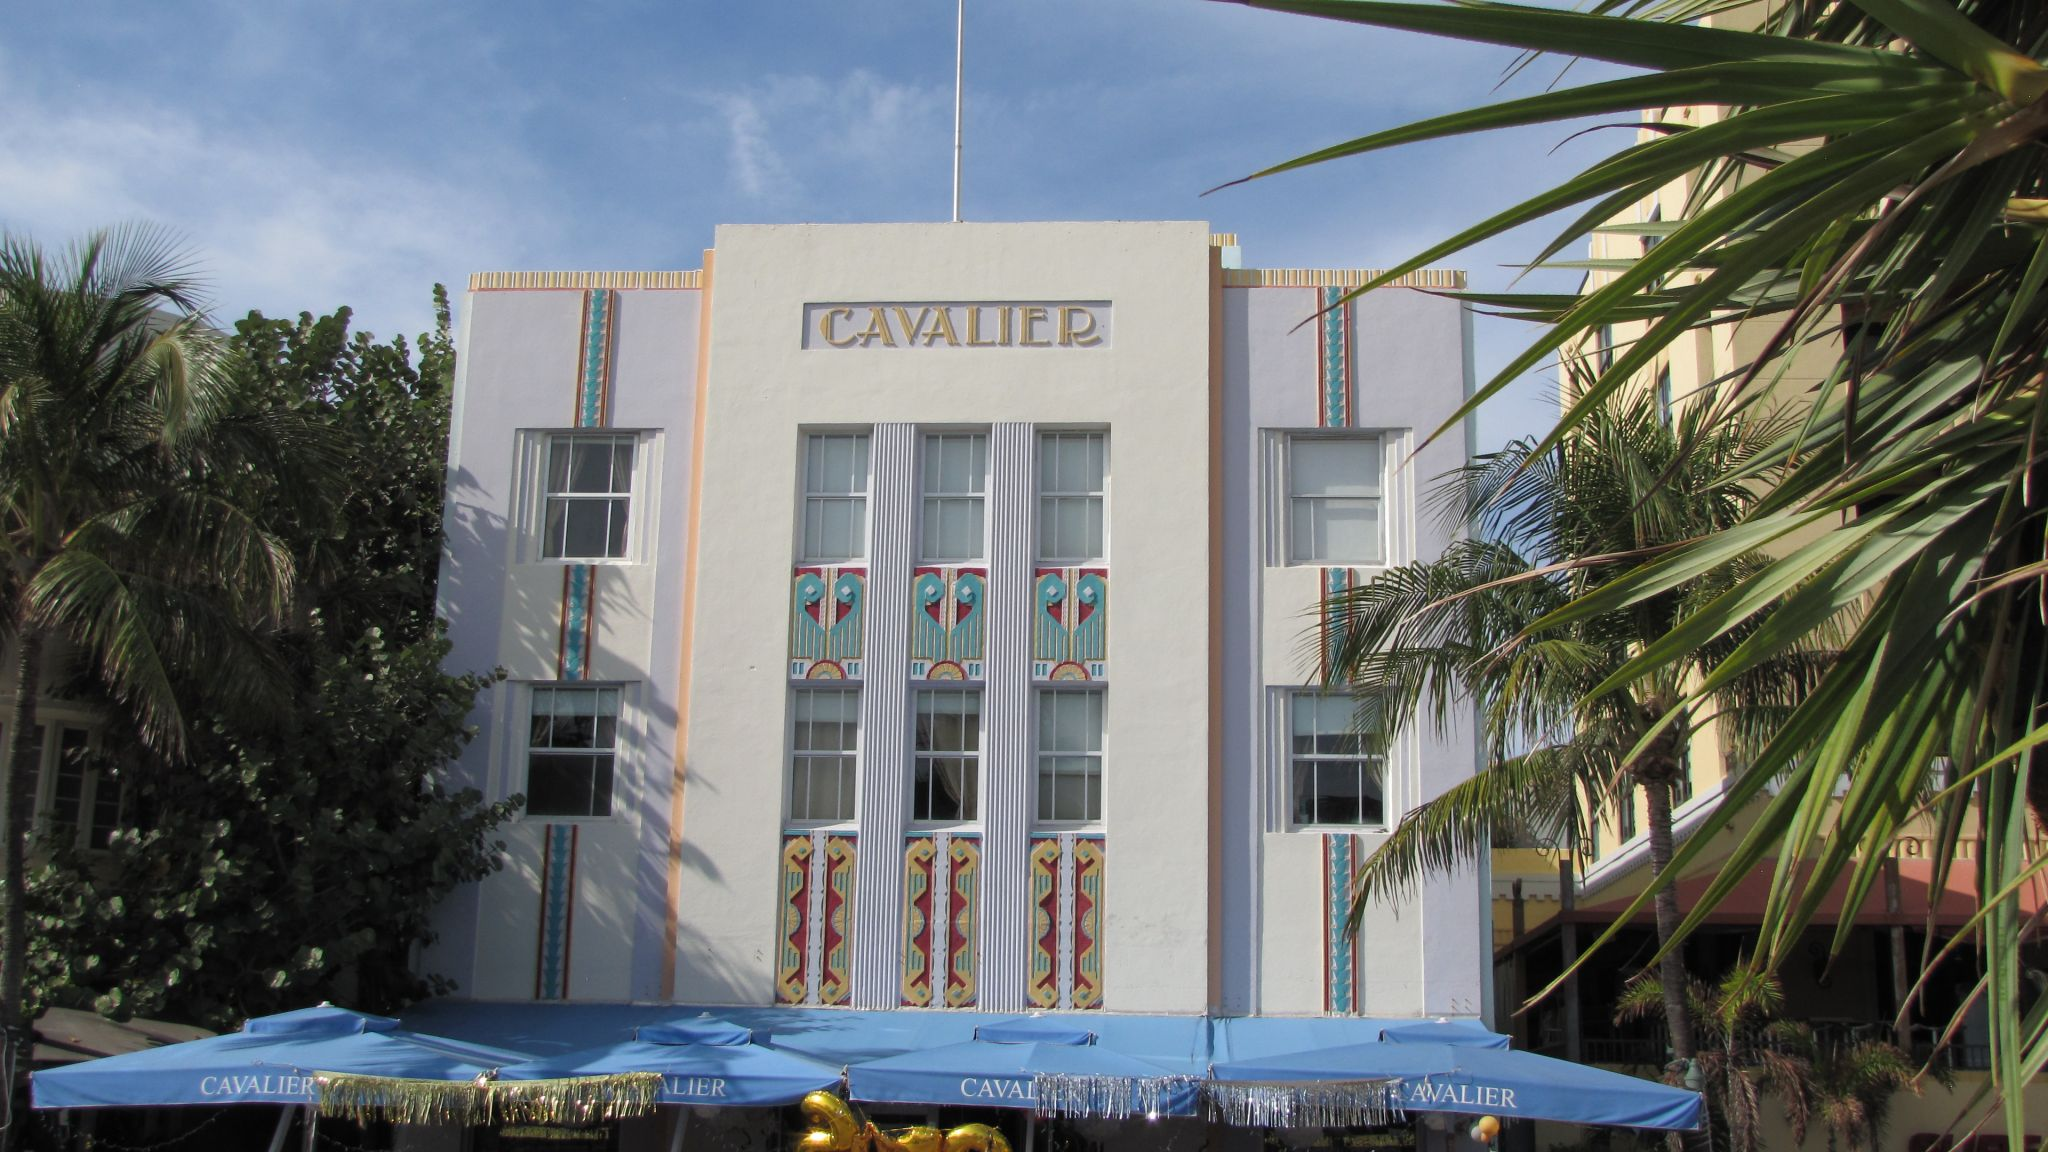 Cavalier Art Deco Hotel Miami, USA